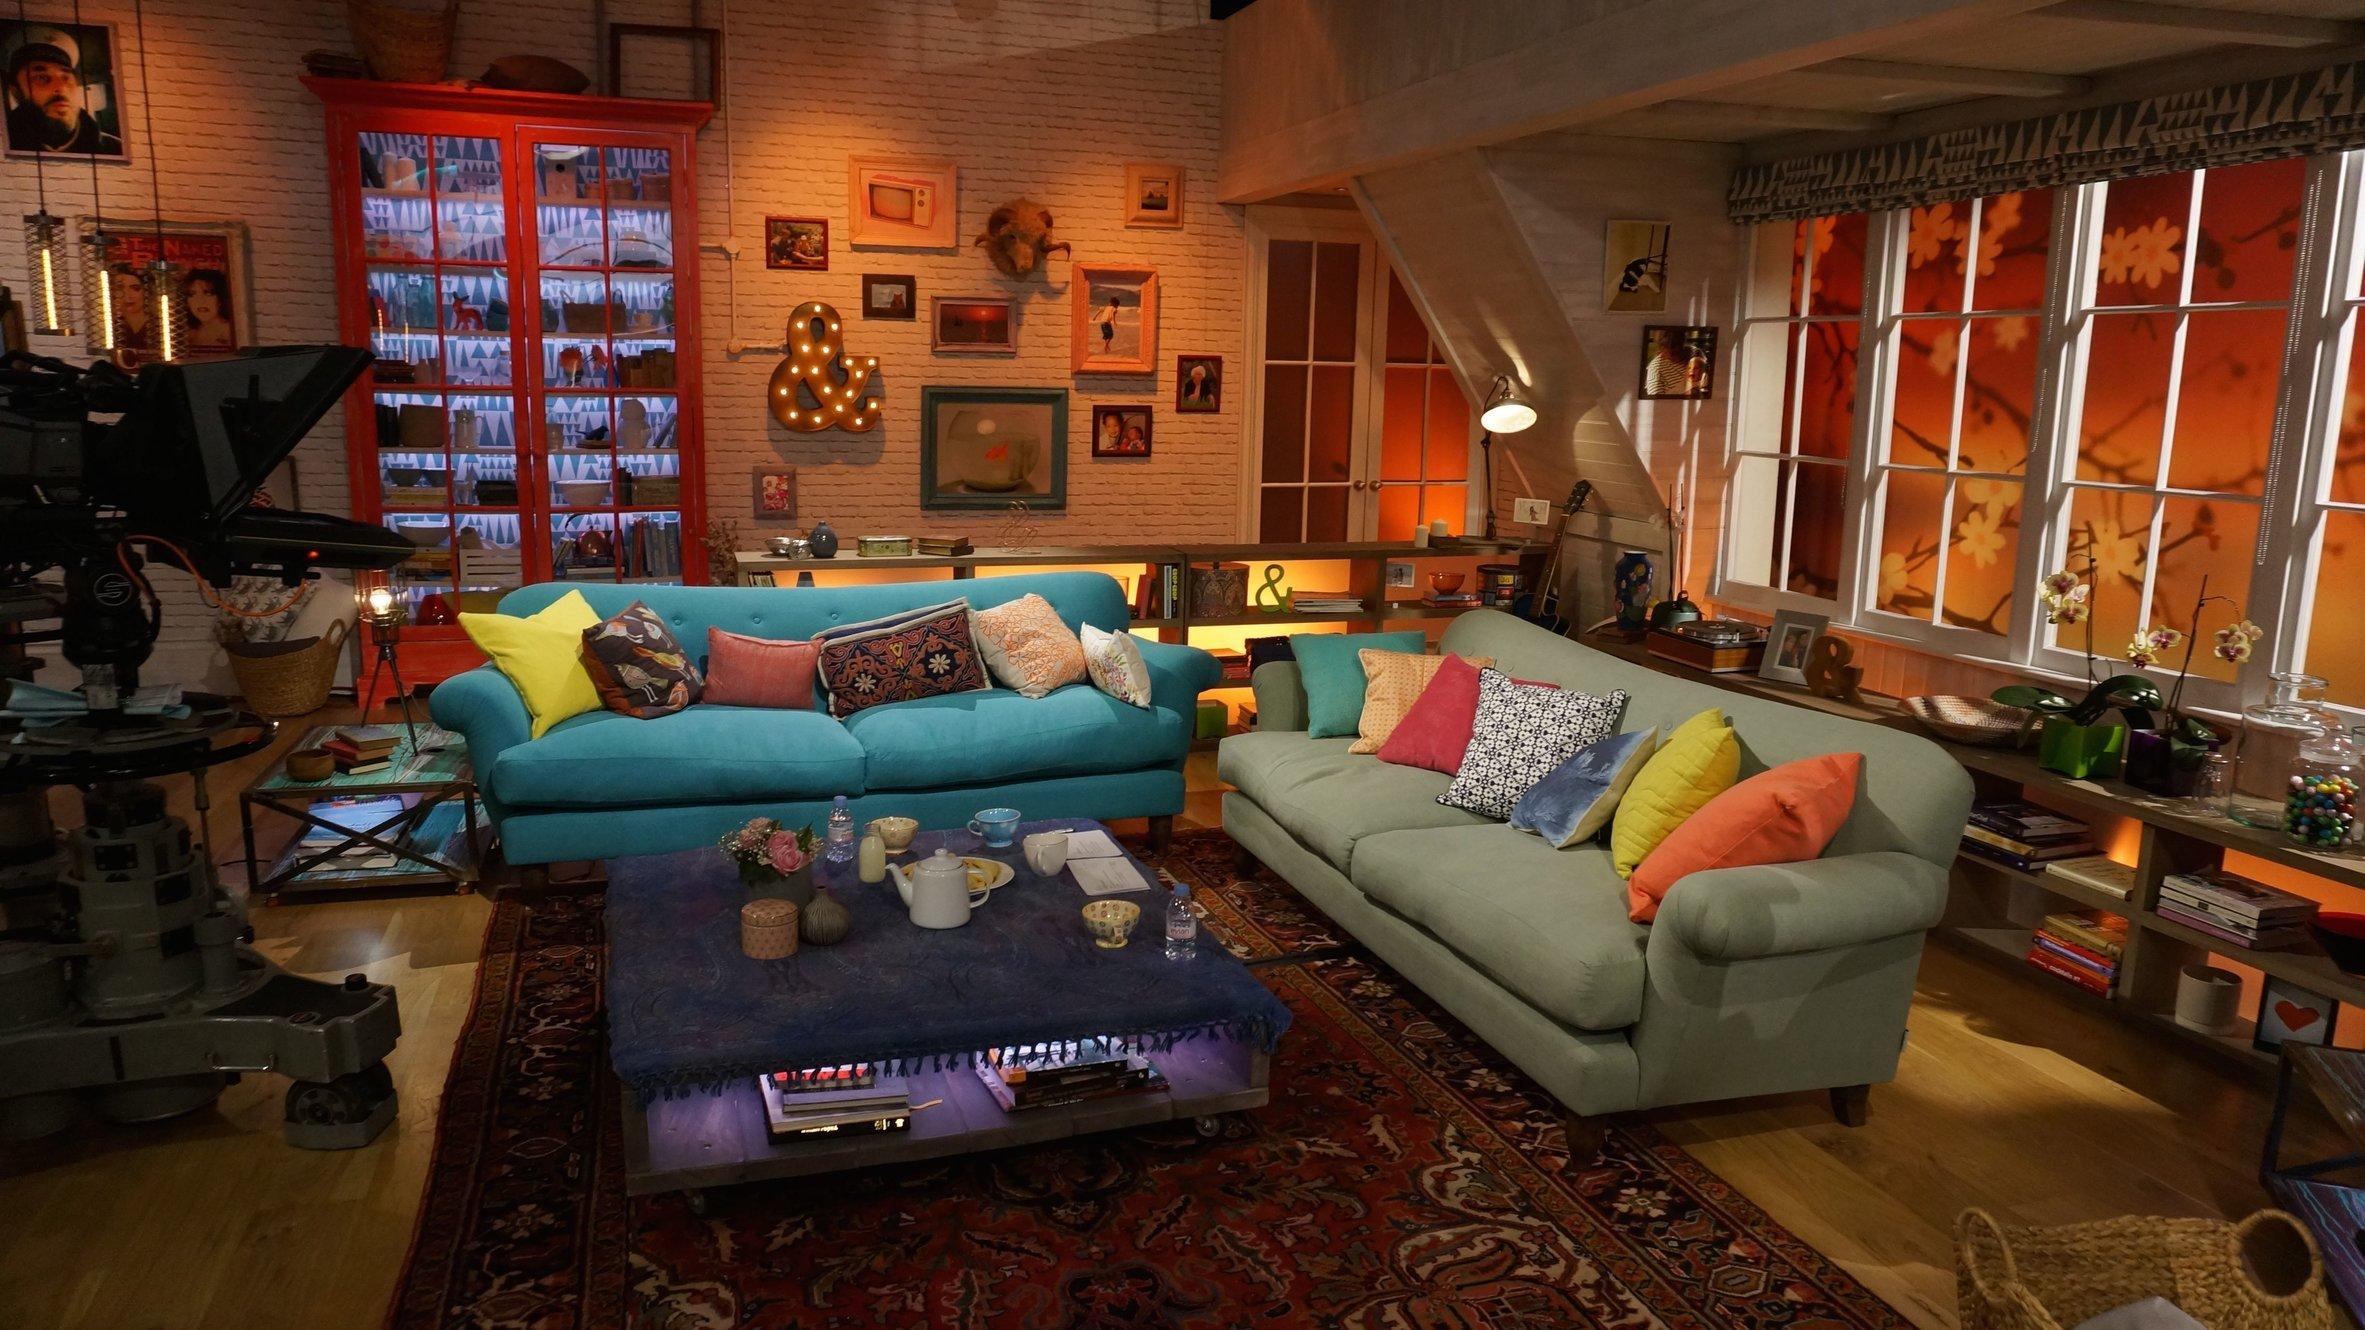 Mel & Sue ITV